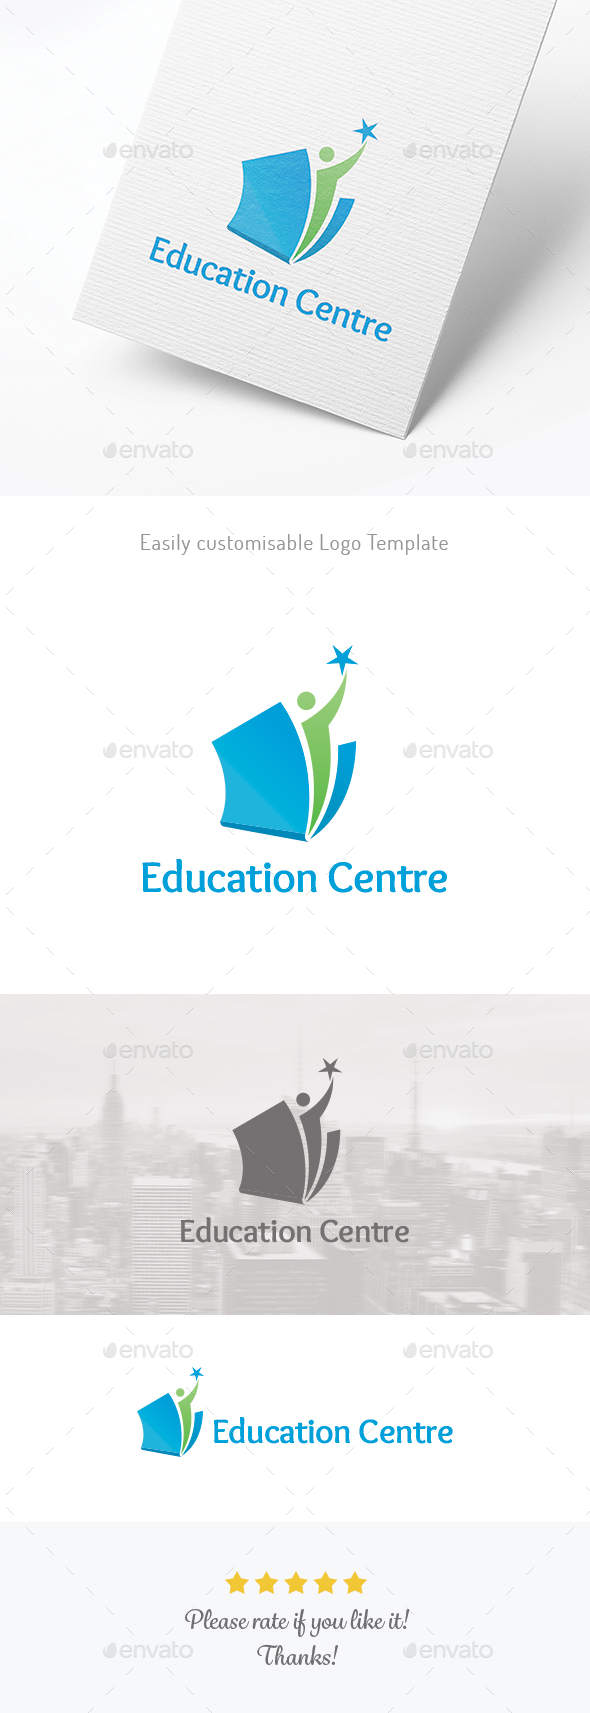 Education / Training / Learning